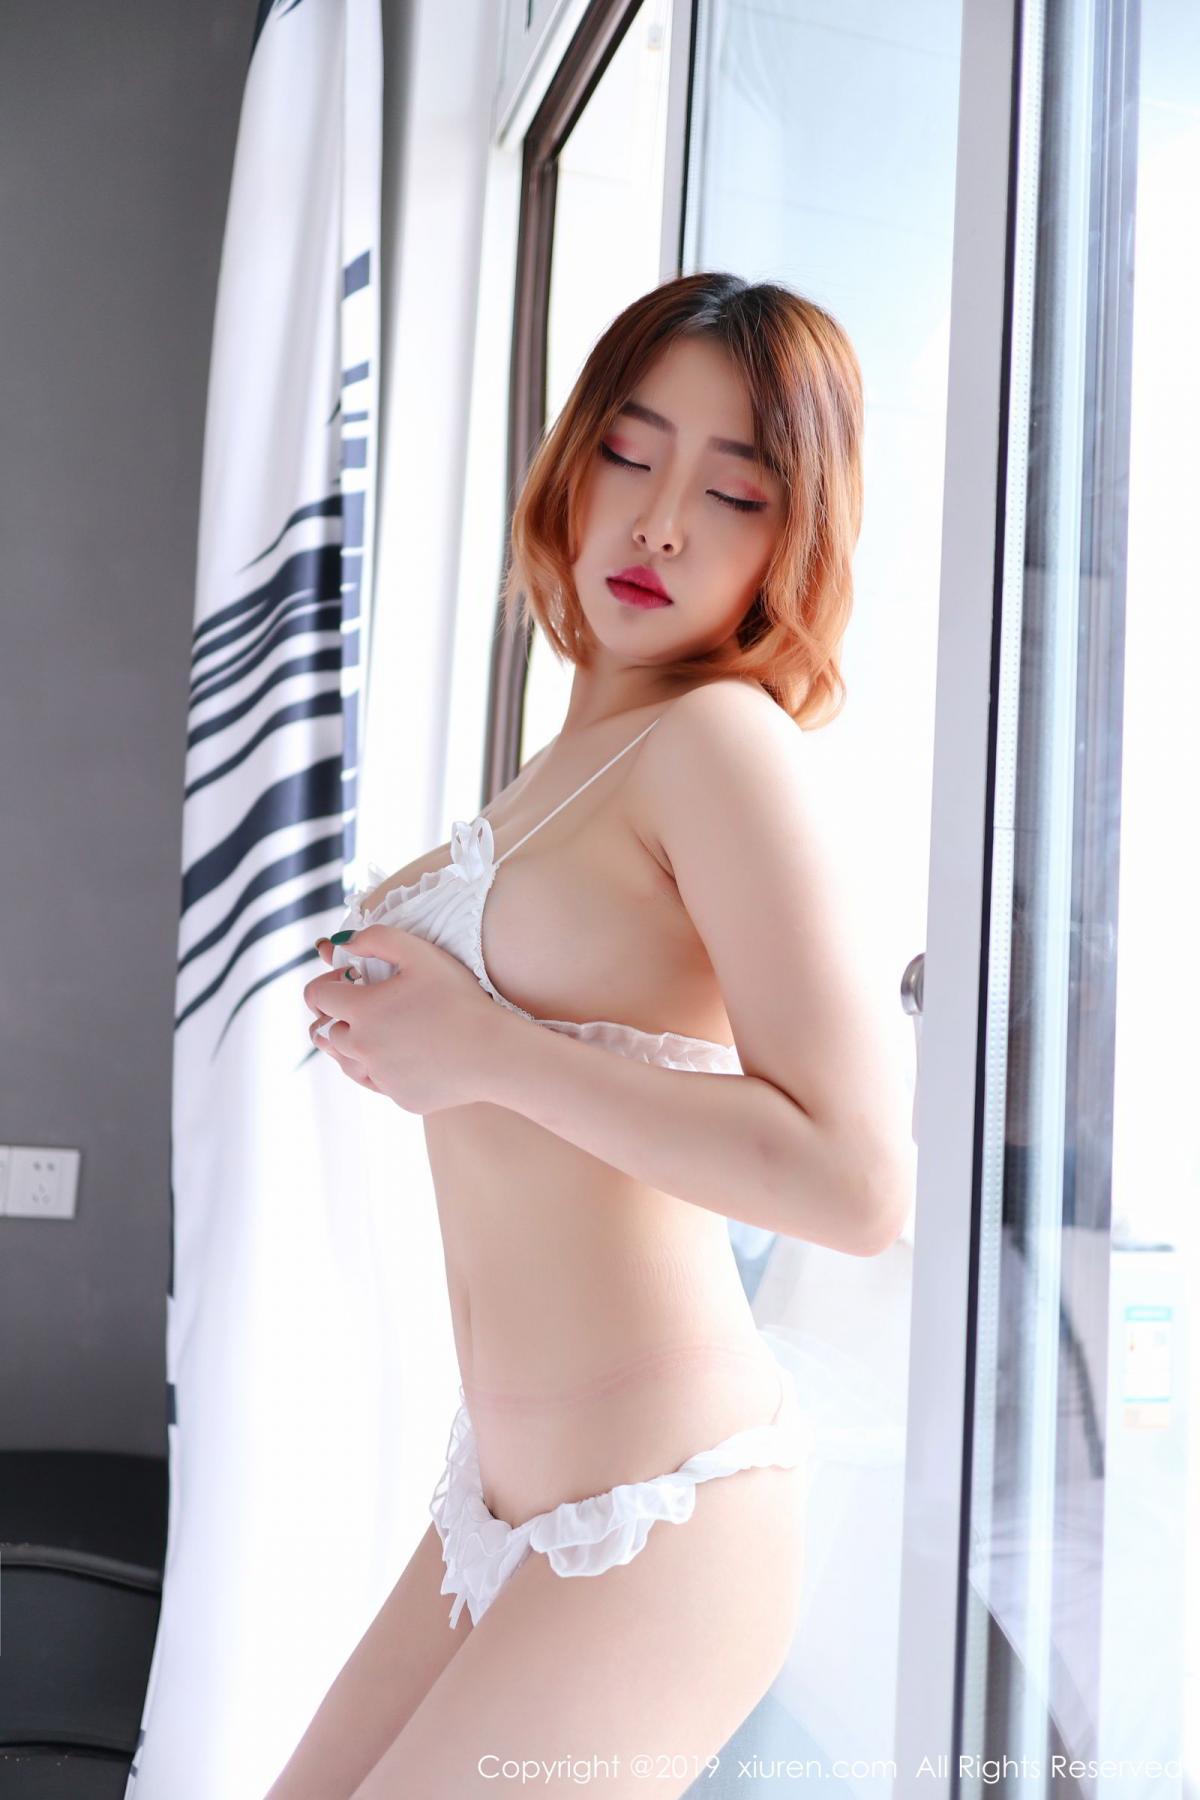 [XiuRen] Vol.1711 Yao A Yao De Yao 26P, Fair Skin, Underwear, Xiuren, Yao A Yao De Yao